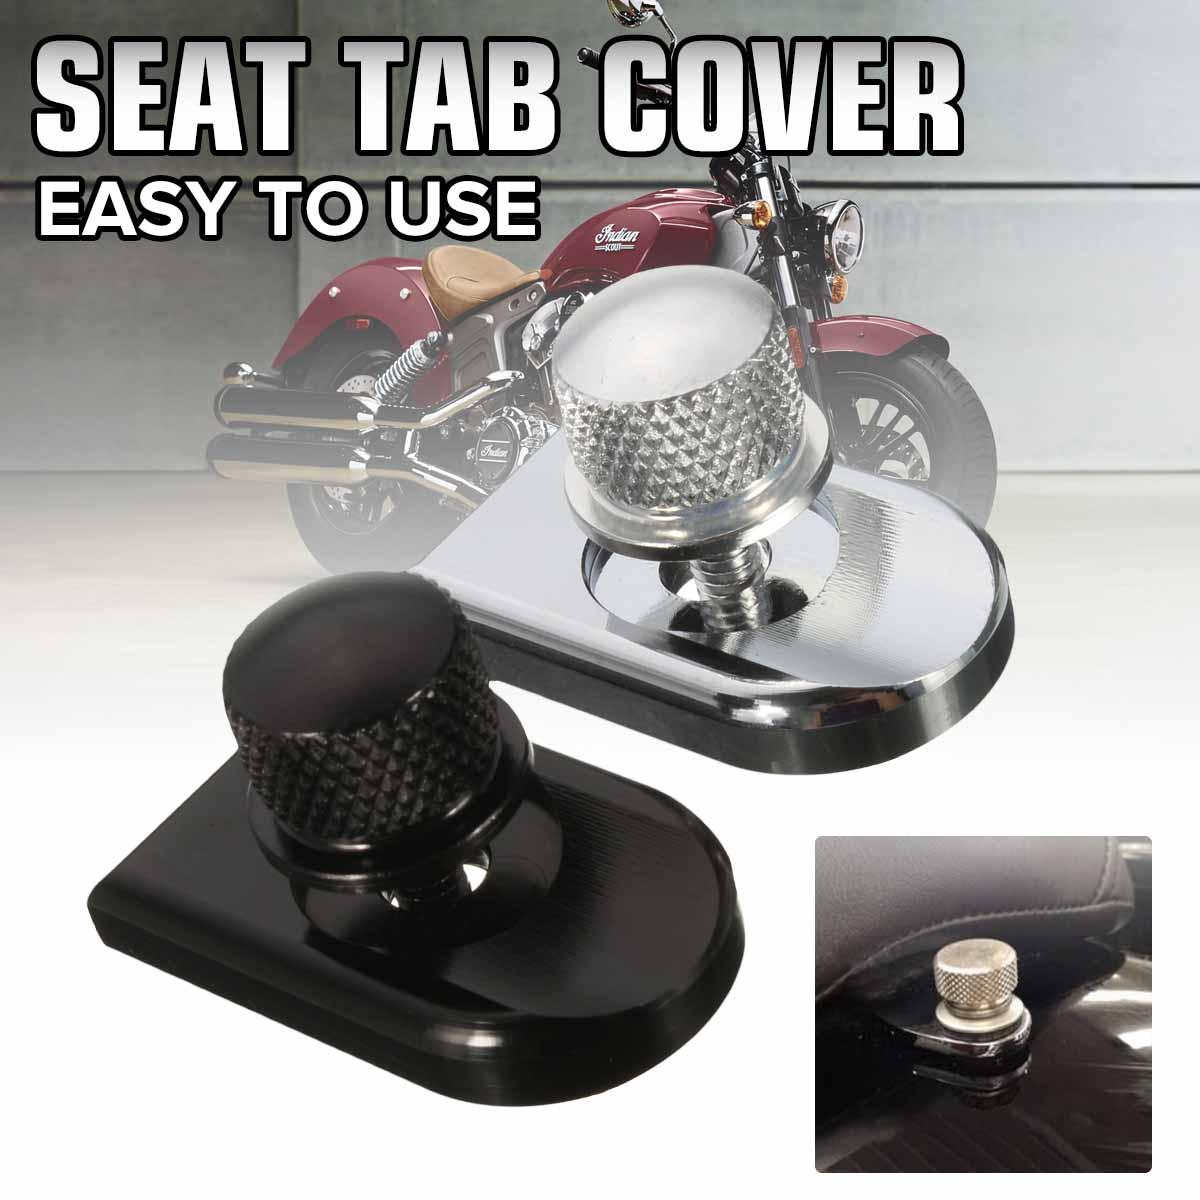 1/4 20 guia parafuso do assento da motocicleta montar botão capa para harley sportster dyna fatboy estrada rei softail Molduras ornamentais e capas    -